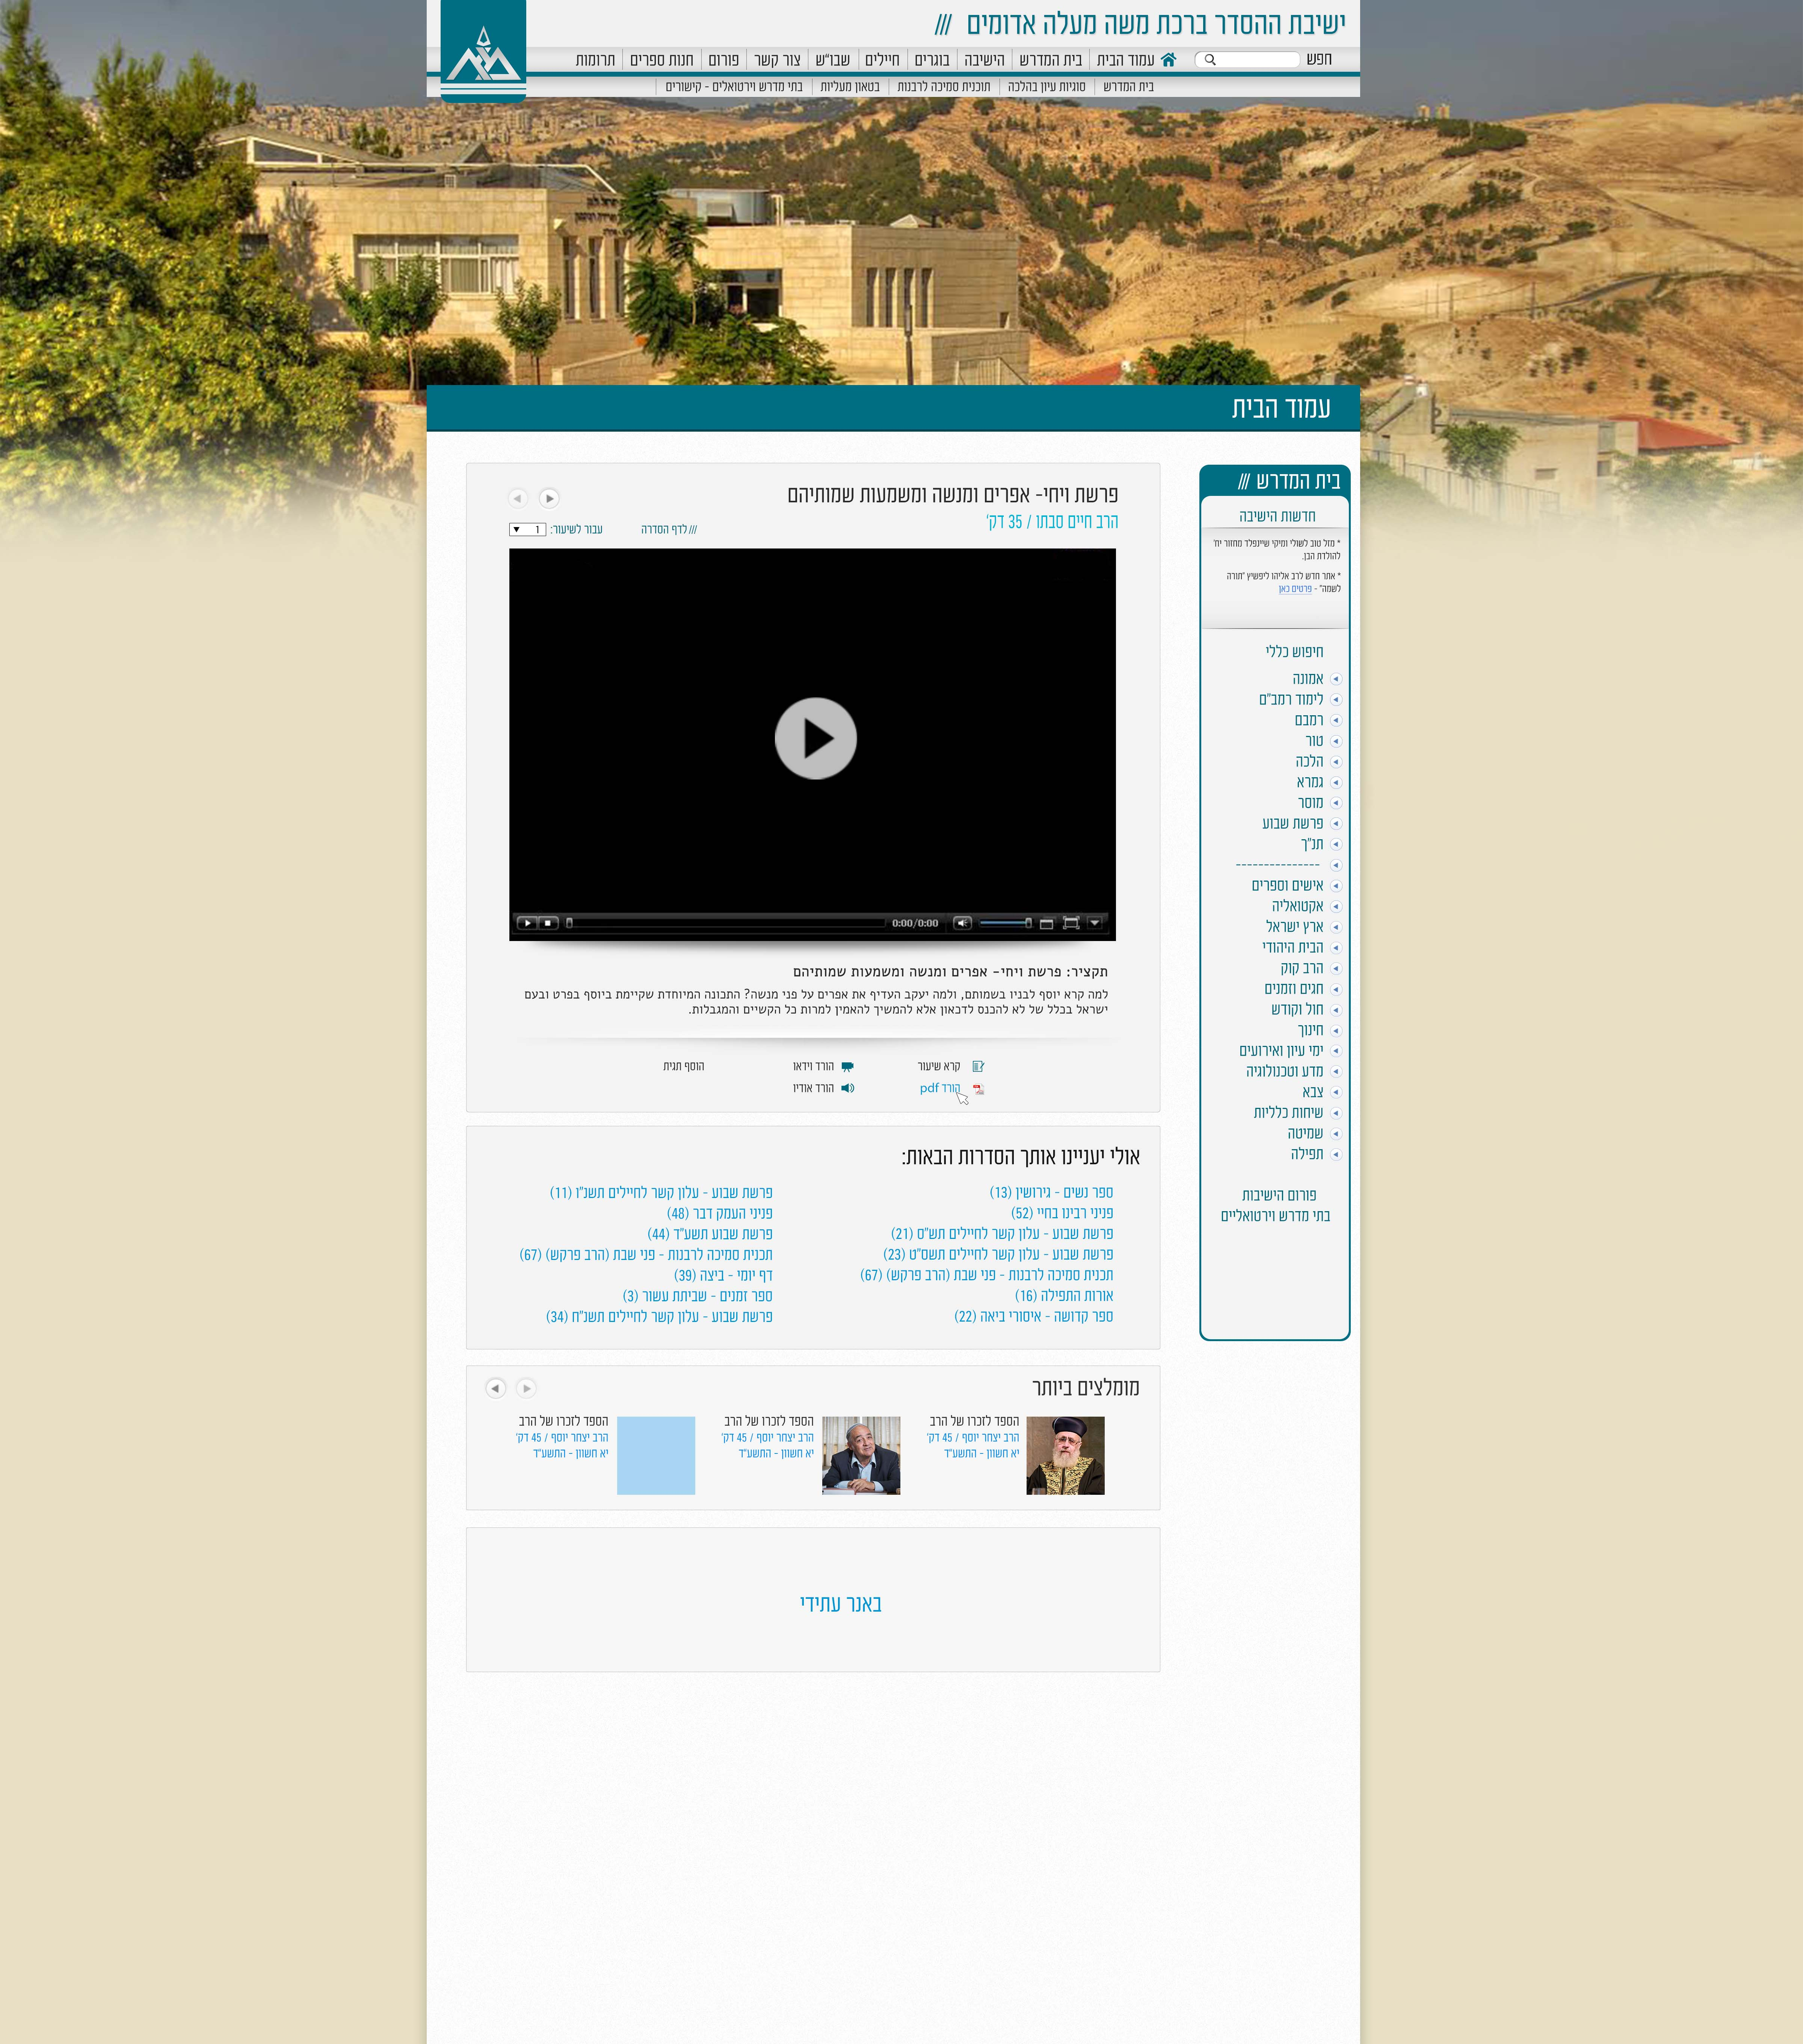 דף וידאו.jpg